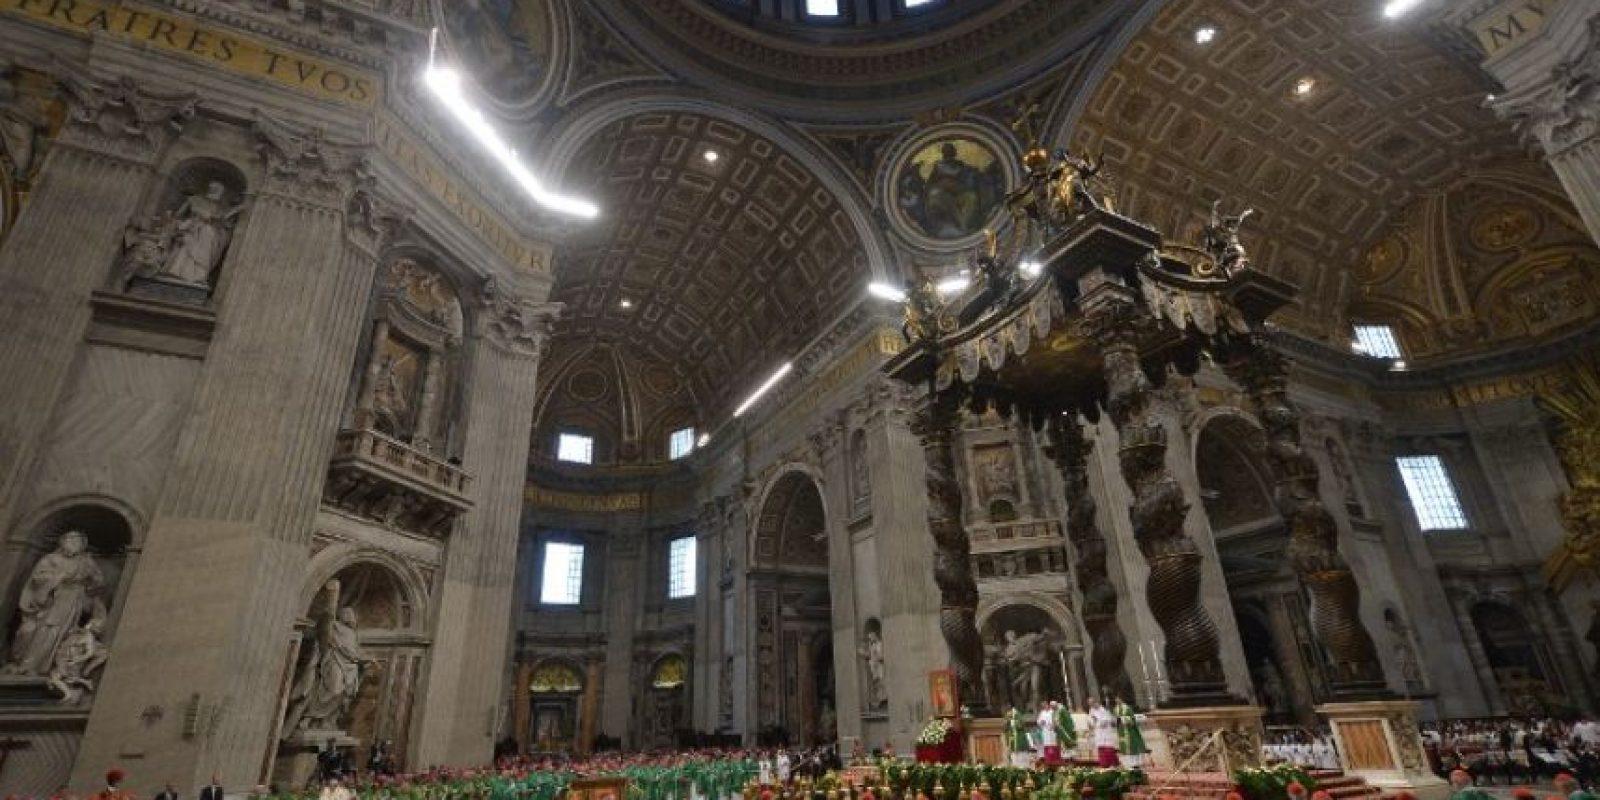 1. La reunión del Papa Francisco en Estados Unidos con Kim Davis, funcionaria estadounidense que se negó a expedir licencias de matrimonio a parejas homosexuales Foto:AFP